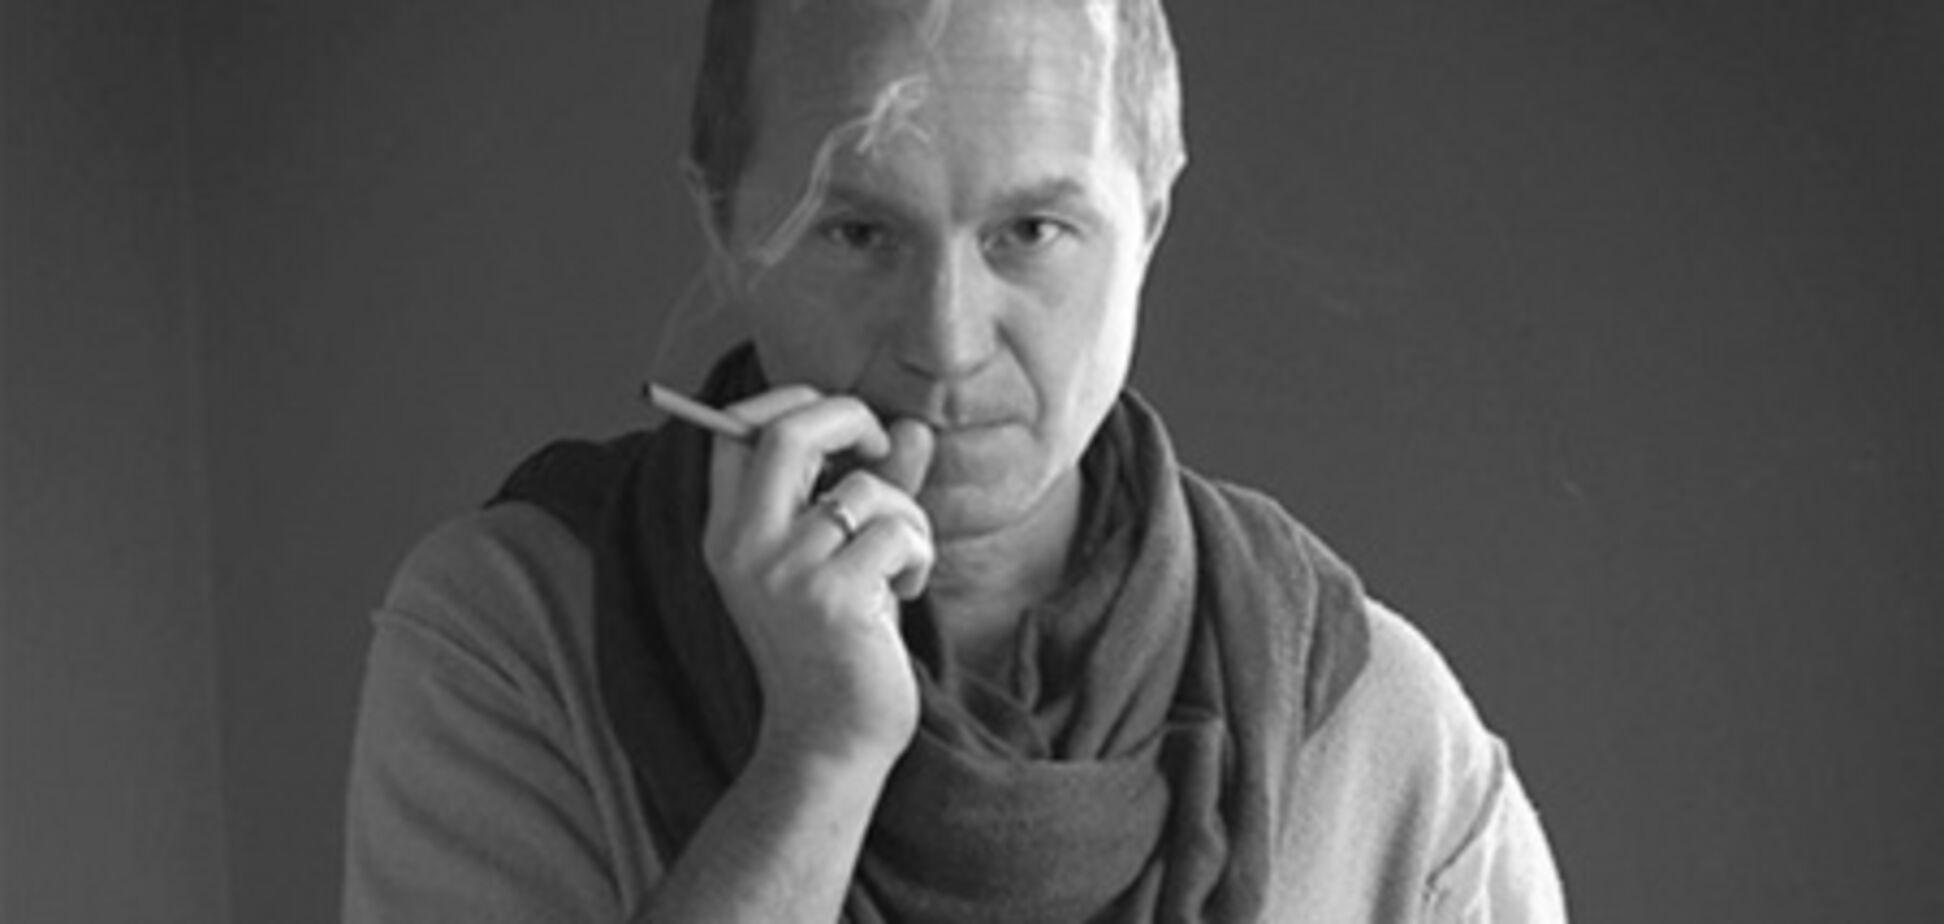 Андрія Паніна посмертно нагородили премією 'Ніка'